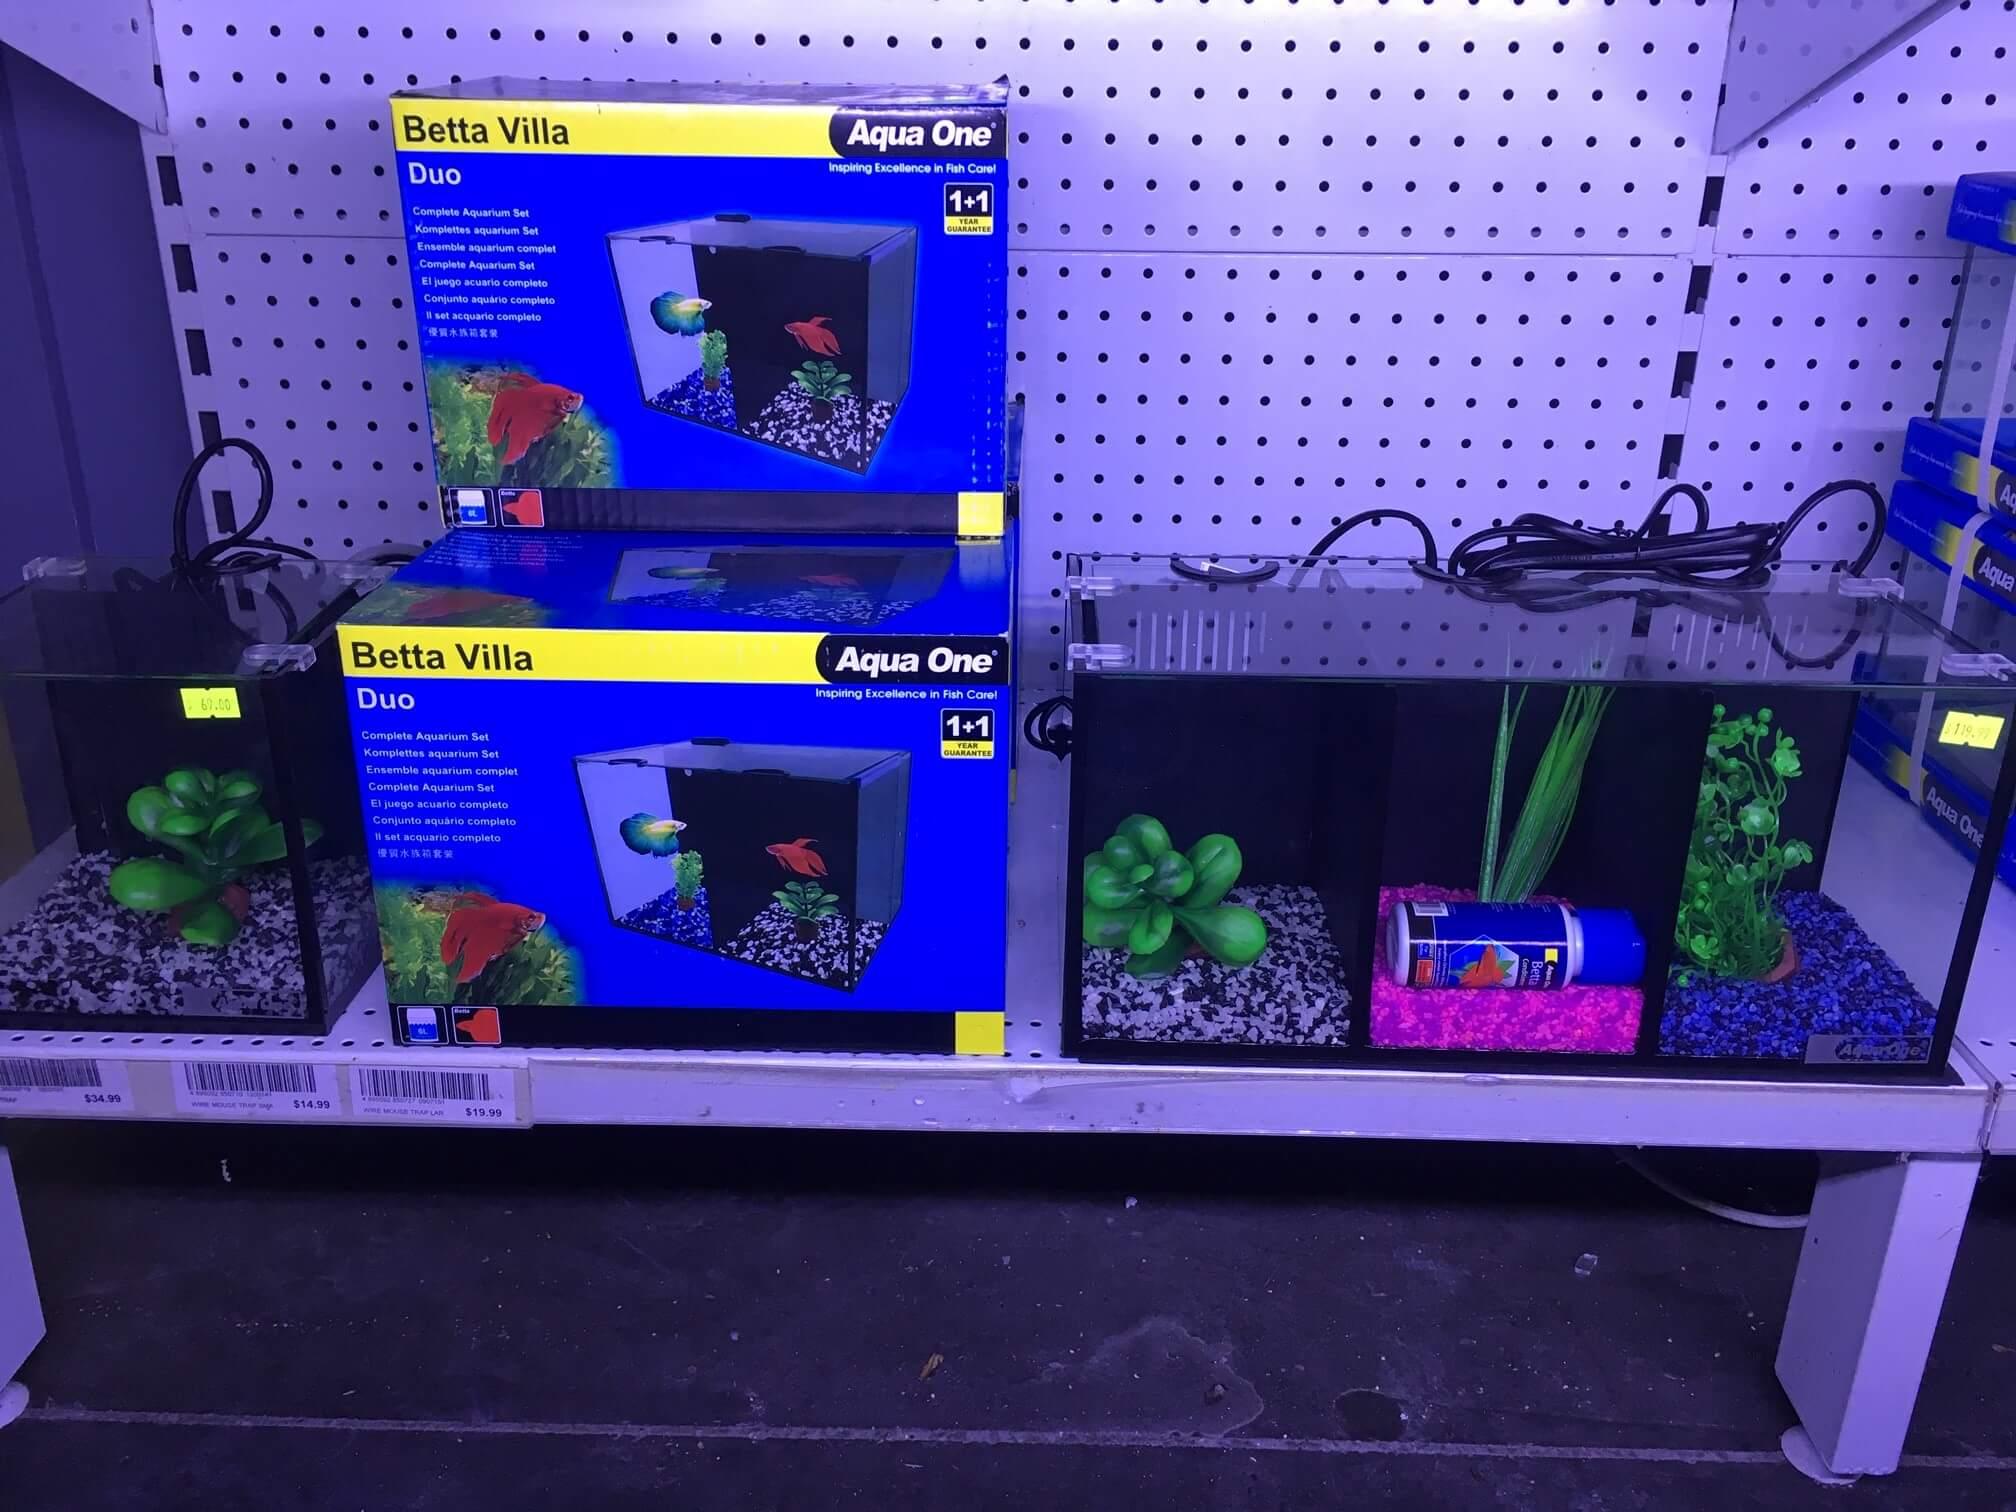 Betta Fish Tank Melbourne | Betta Villa Aqua One